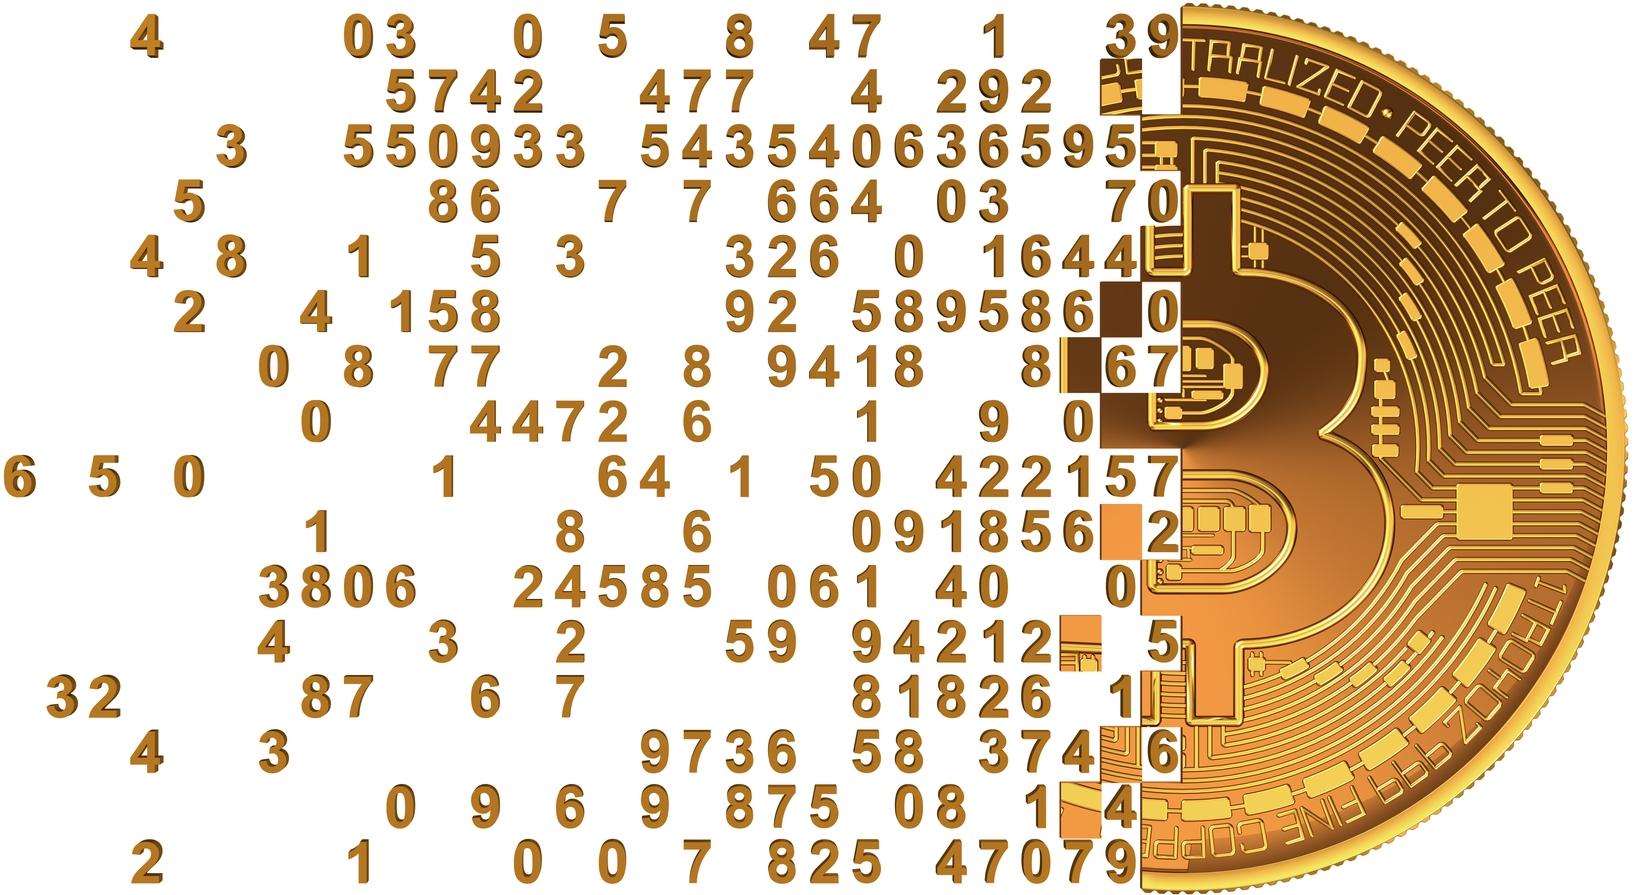 Транзакции в биткоин форекс в киеве